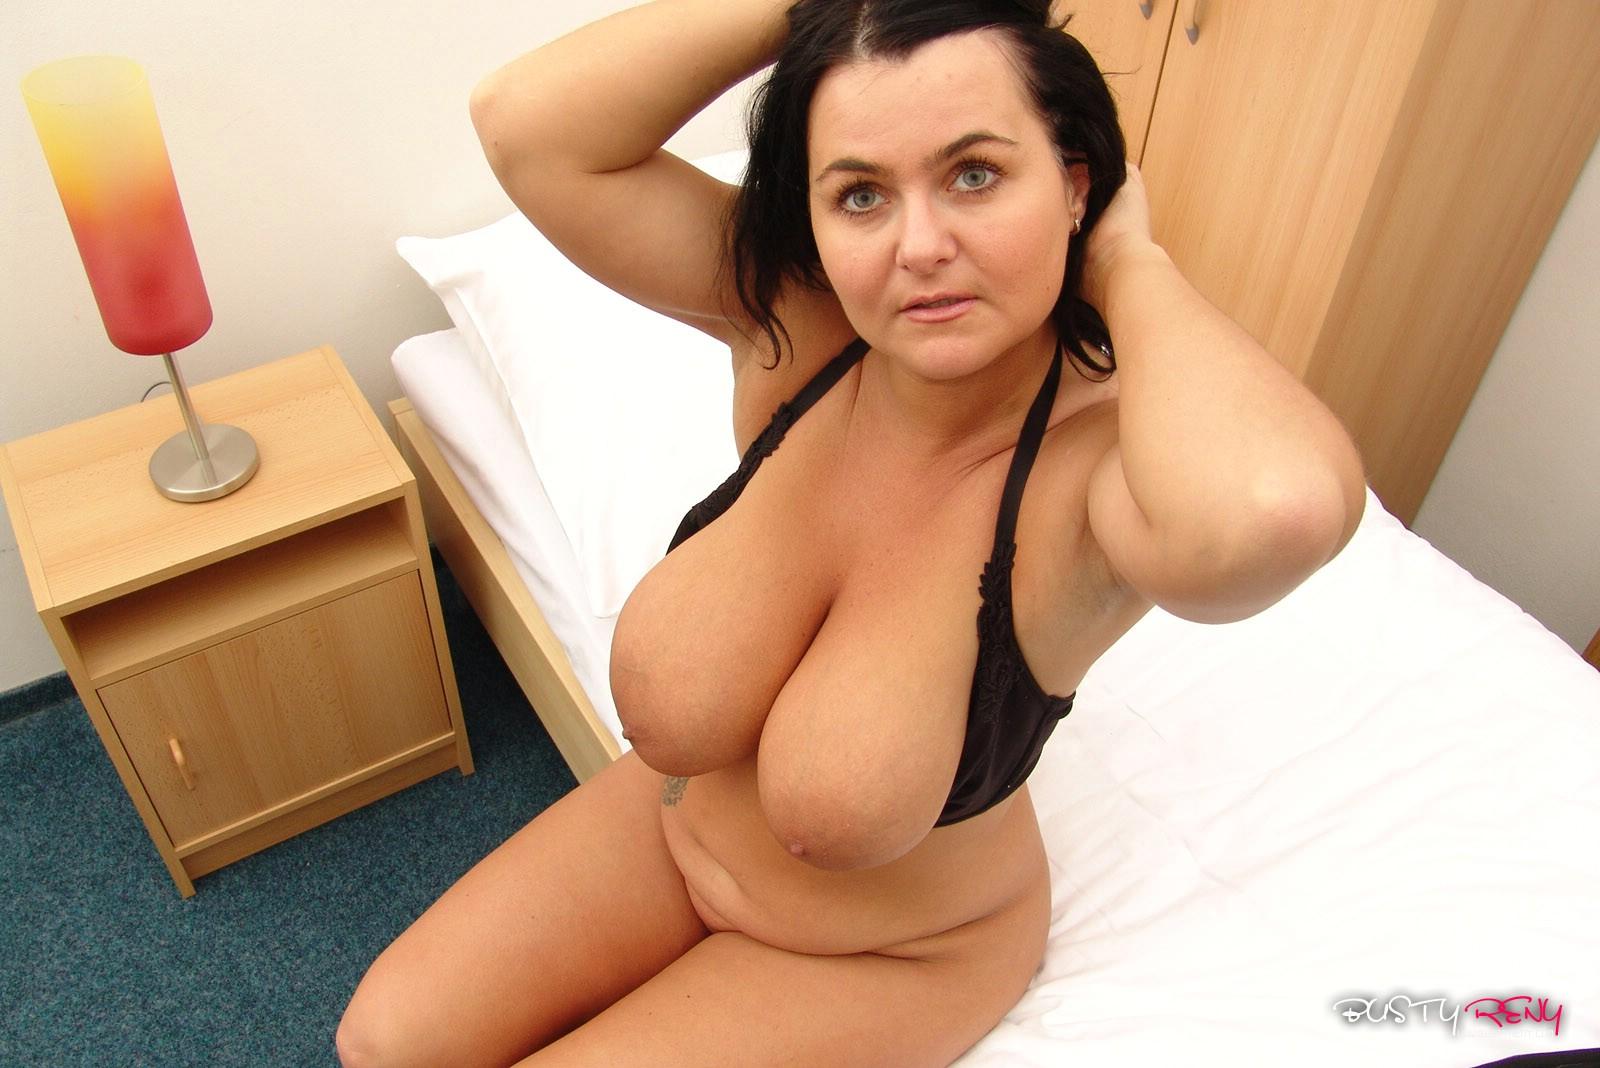 Тёти с сисками, Большие сиськи. Русские женщины с большой грудью 1 фотография